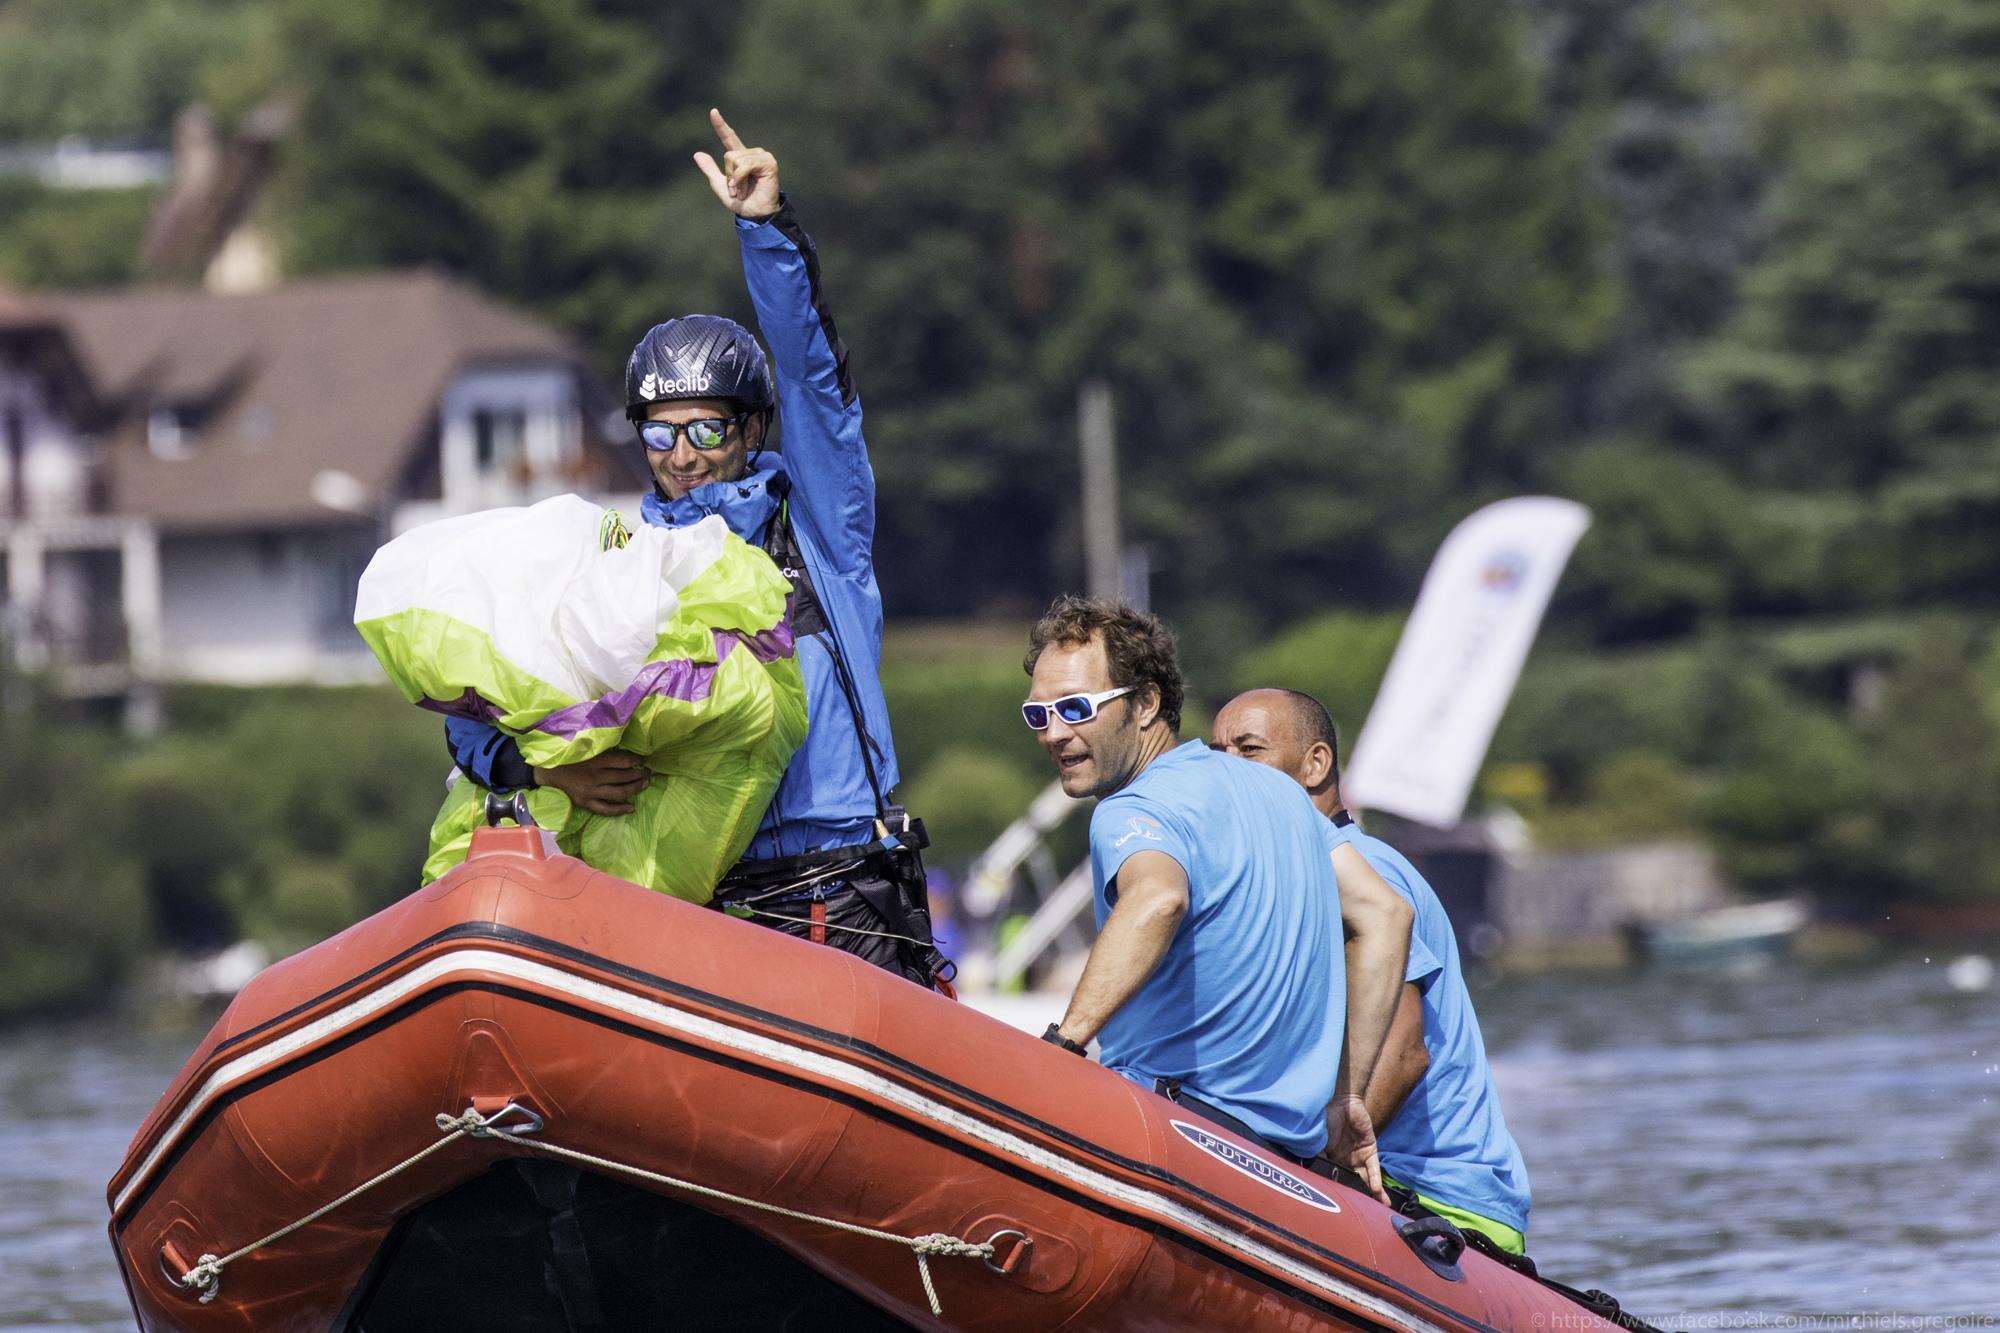 Victoire Championnat du monde parapente acrobatique Francois Ragolski 2